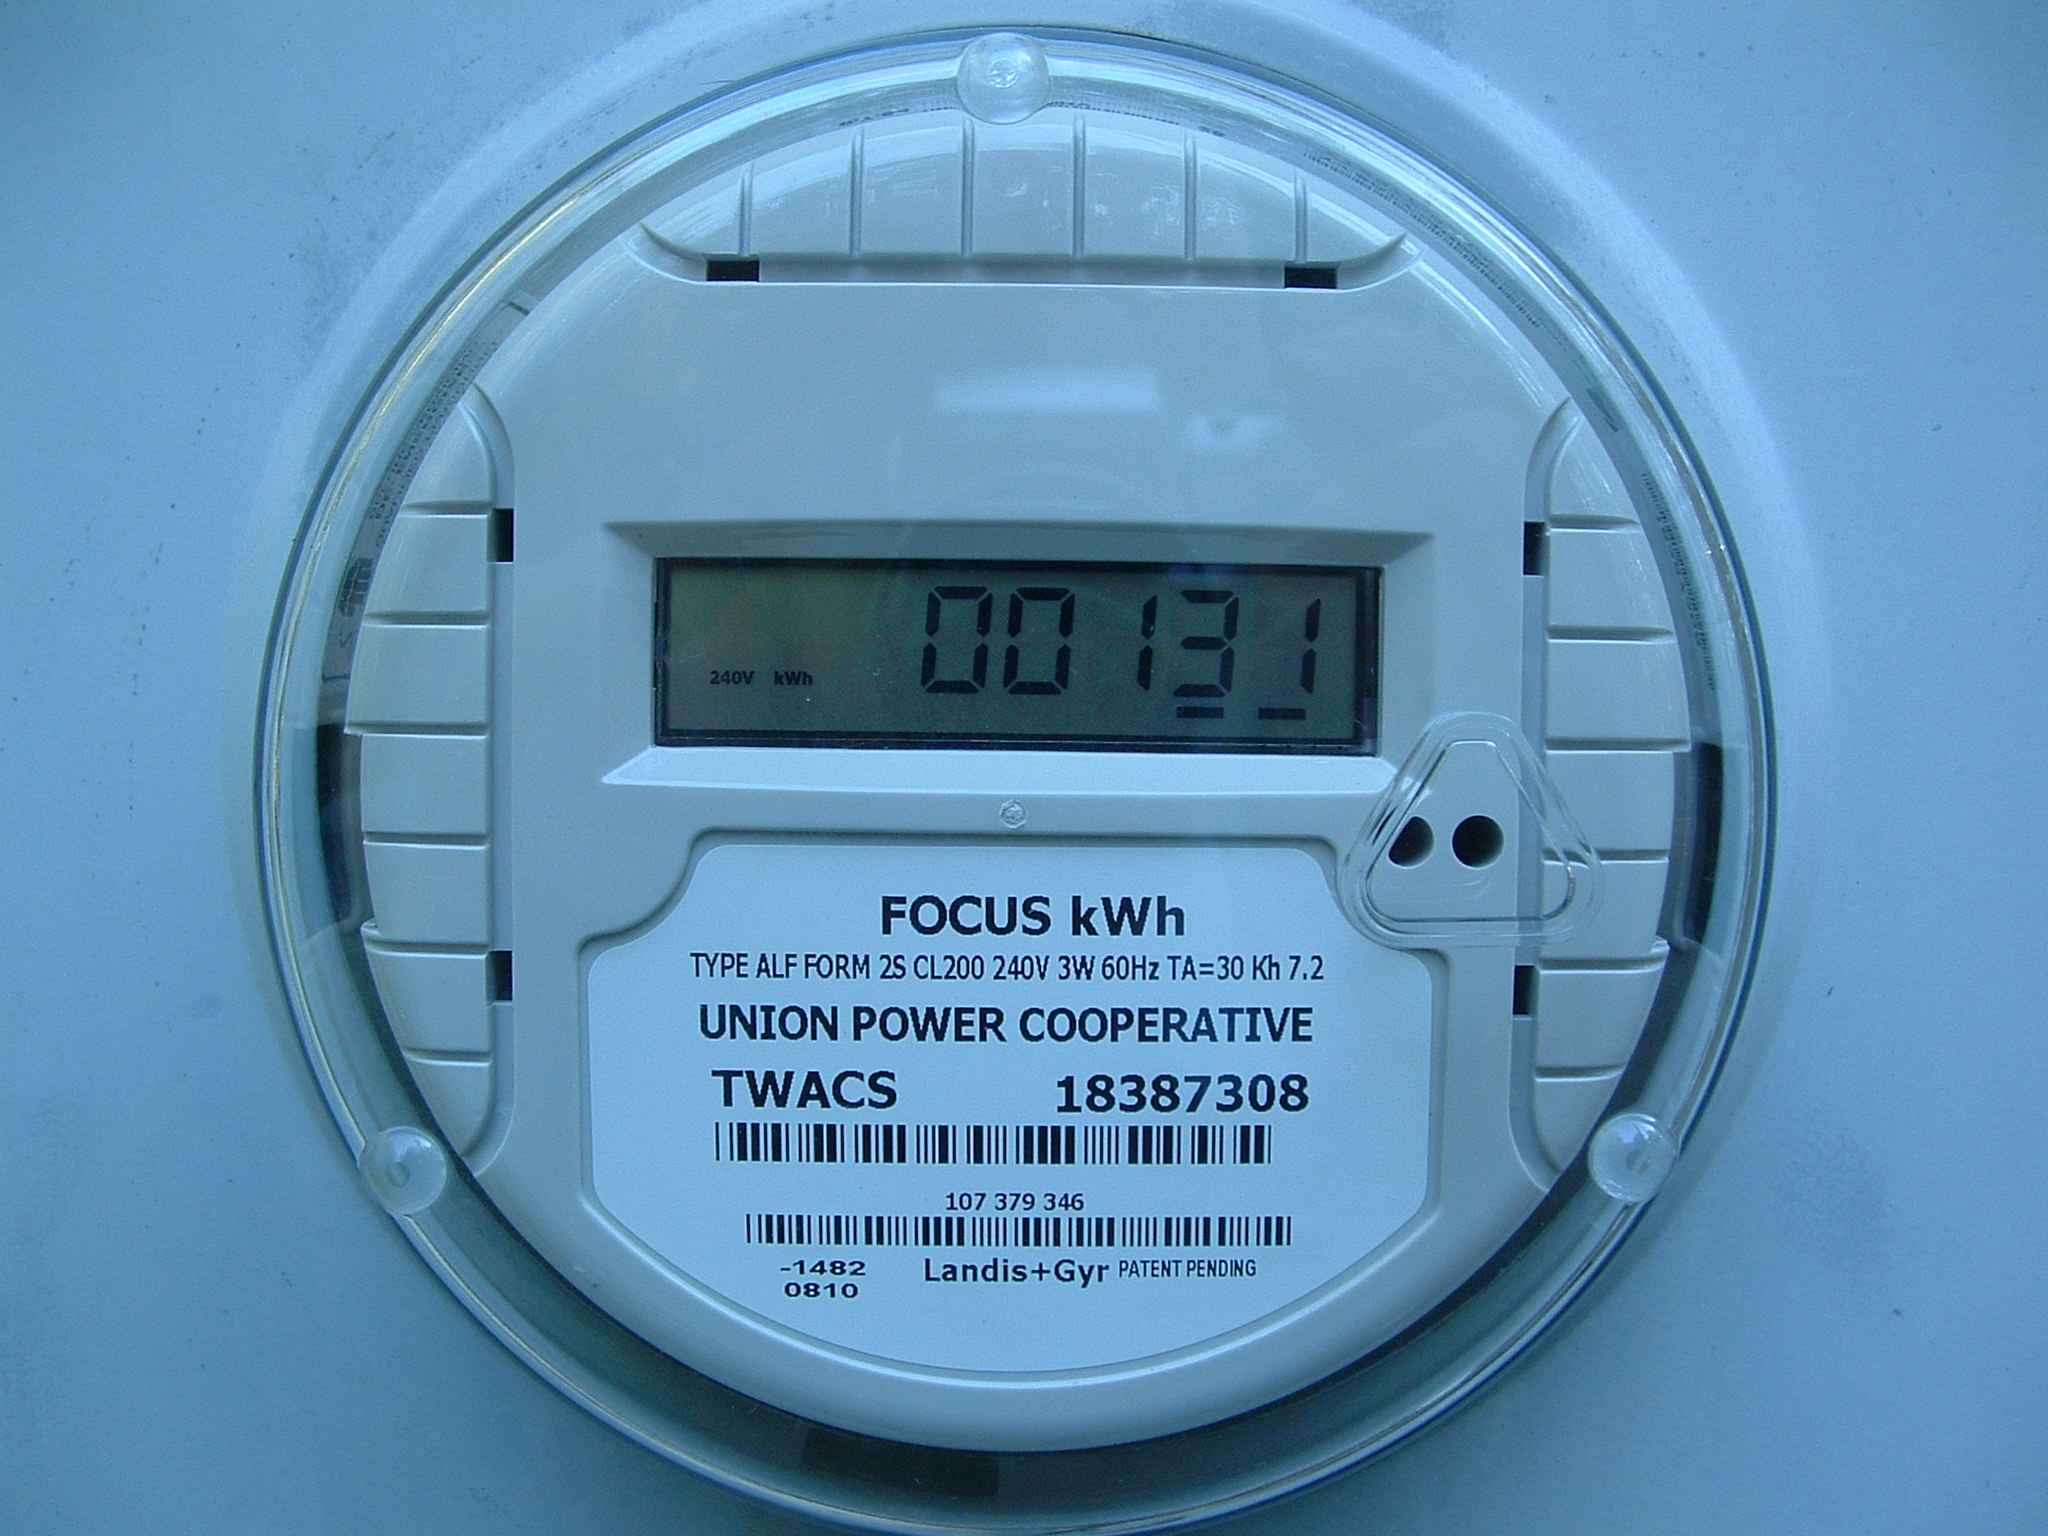 Electric Meter Data : Lowfer ac utility meter data signal